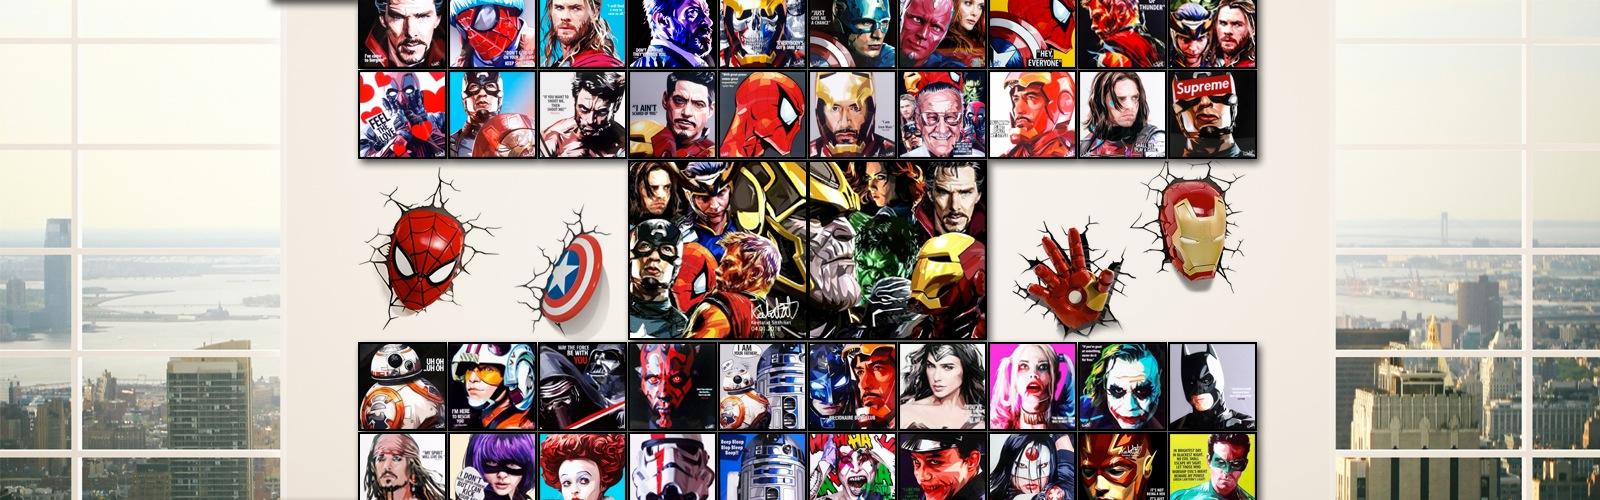 ポップアートパネル/ポップアートフレームの専門通販サイトFPGJの映画キャラクターカテゴリ